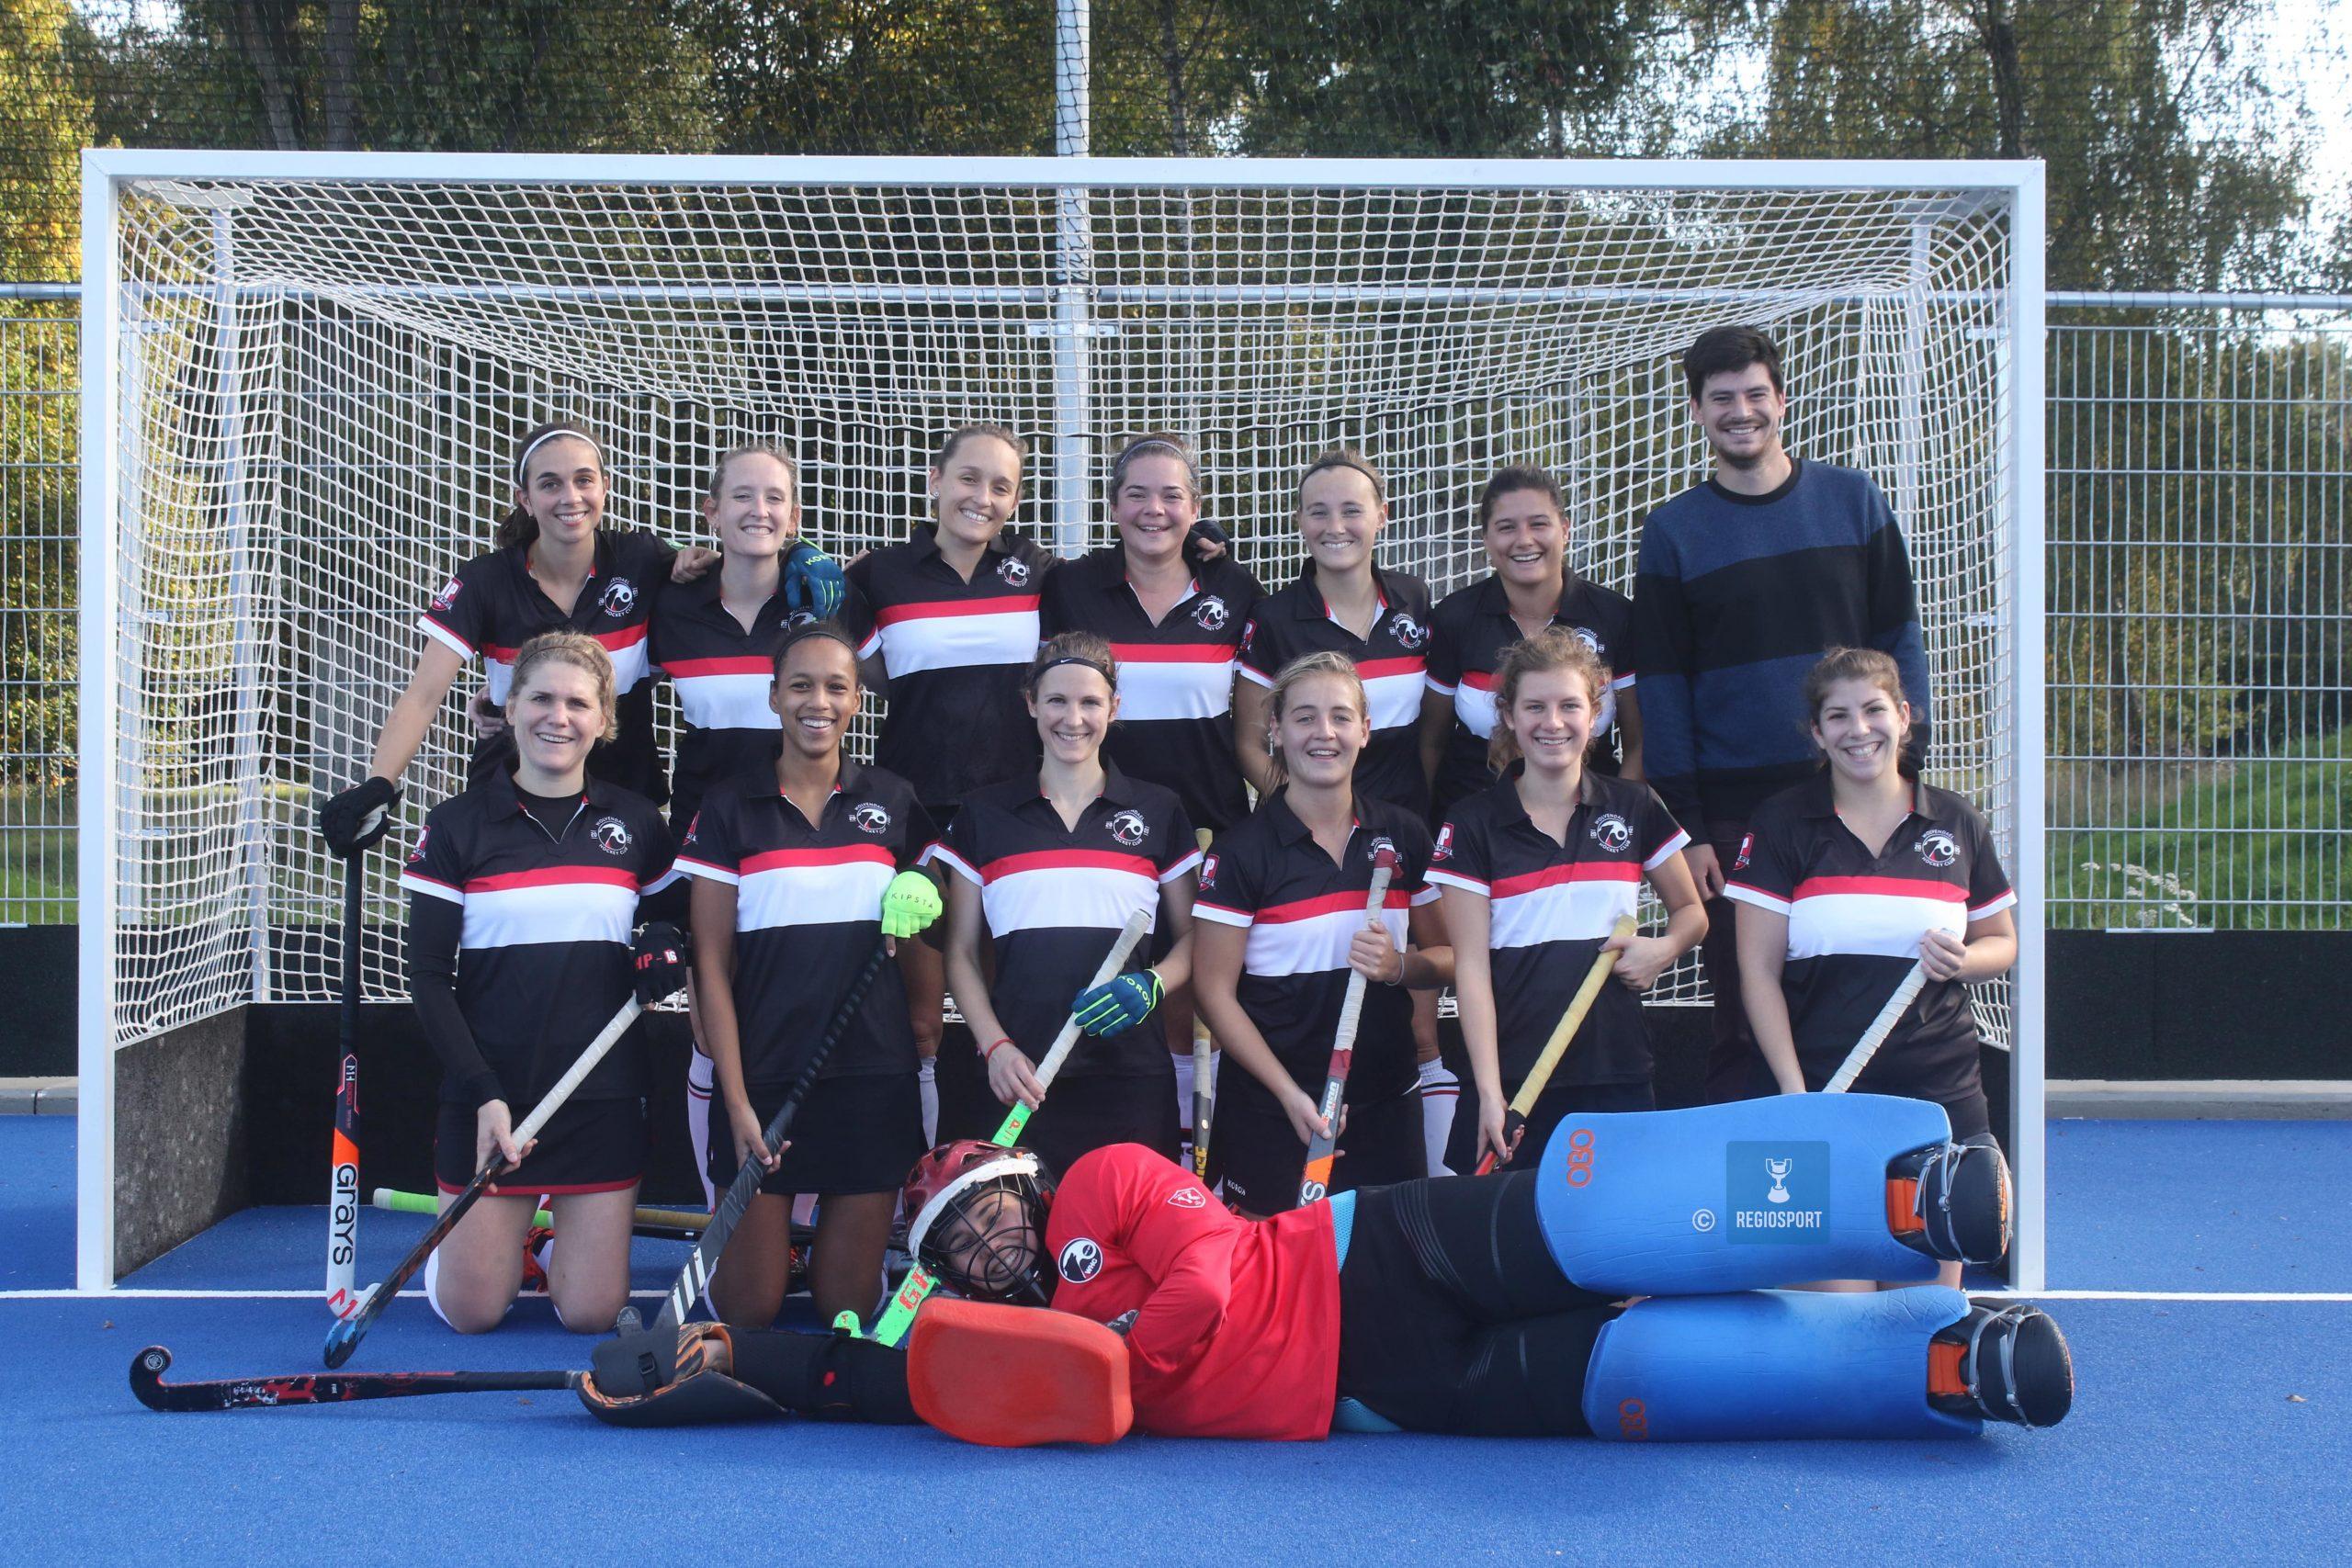 Dames 1 van Wolvendael Hockey Club leven dubbel gemotiveerd naar volgend seizoen toe!